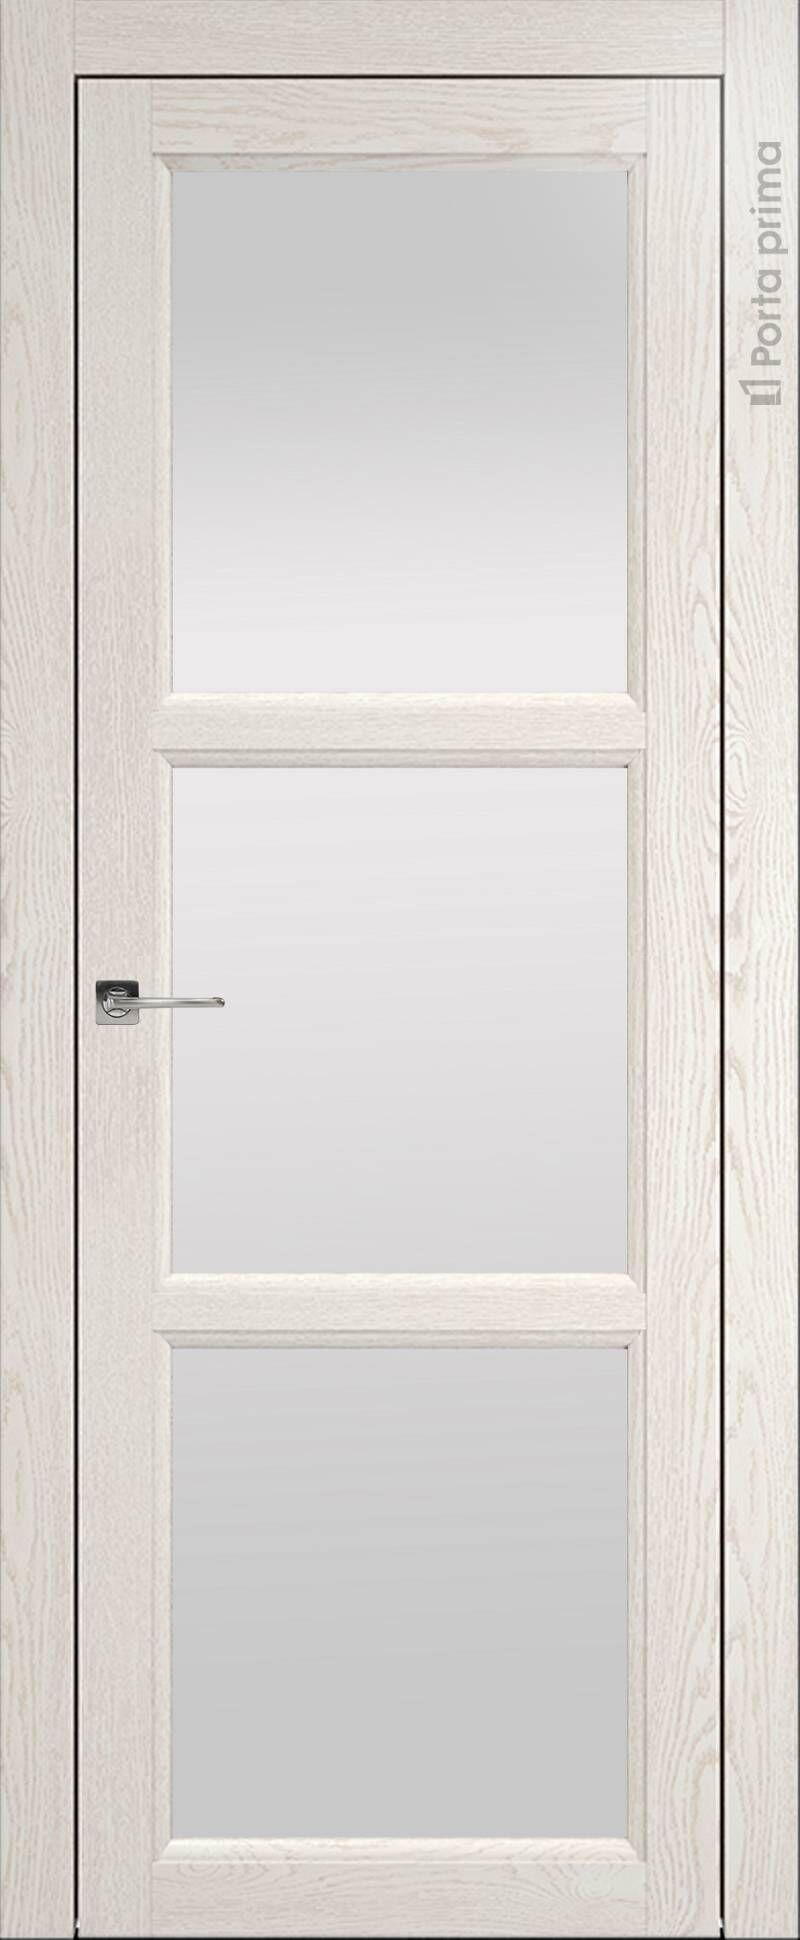 Sorrento-R В2 цвет - Белый ясень (nano-flex) Со стеклом (ДО)